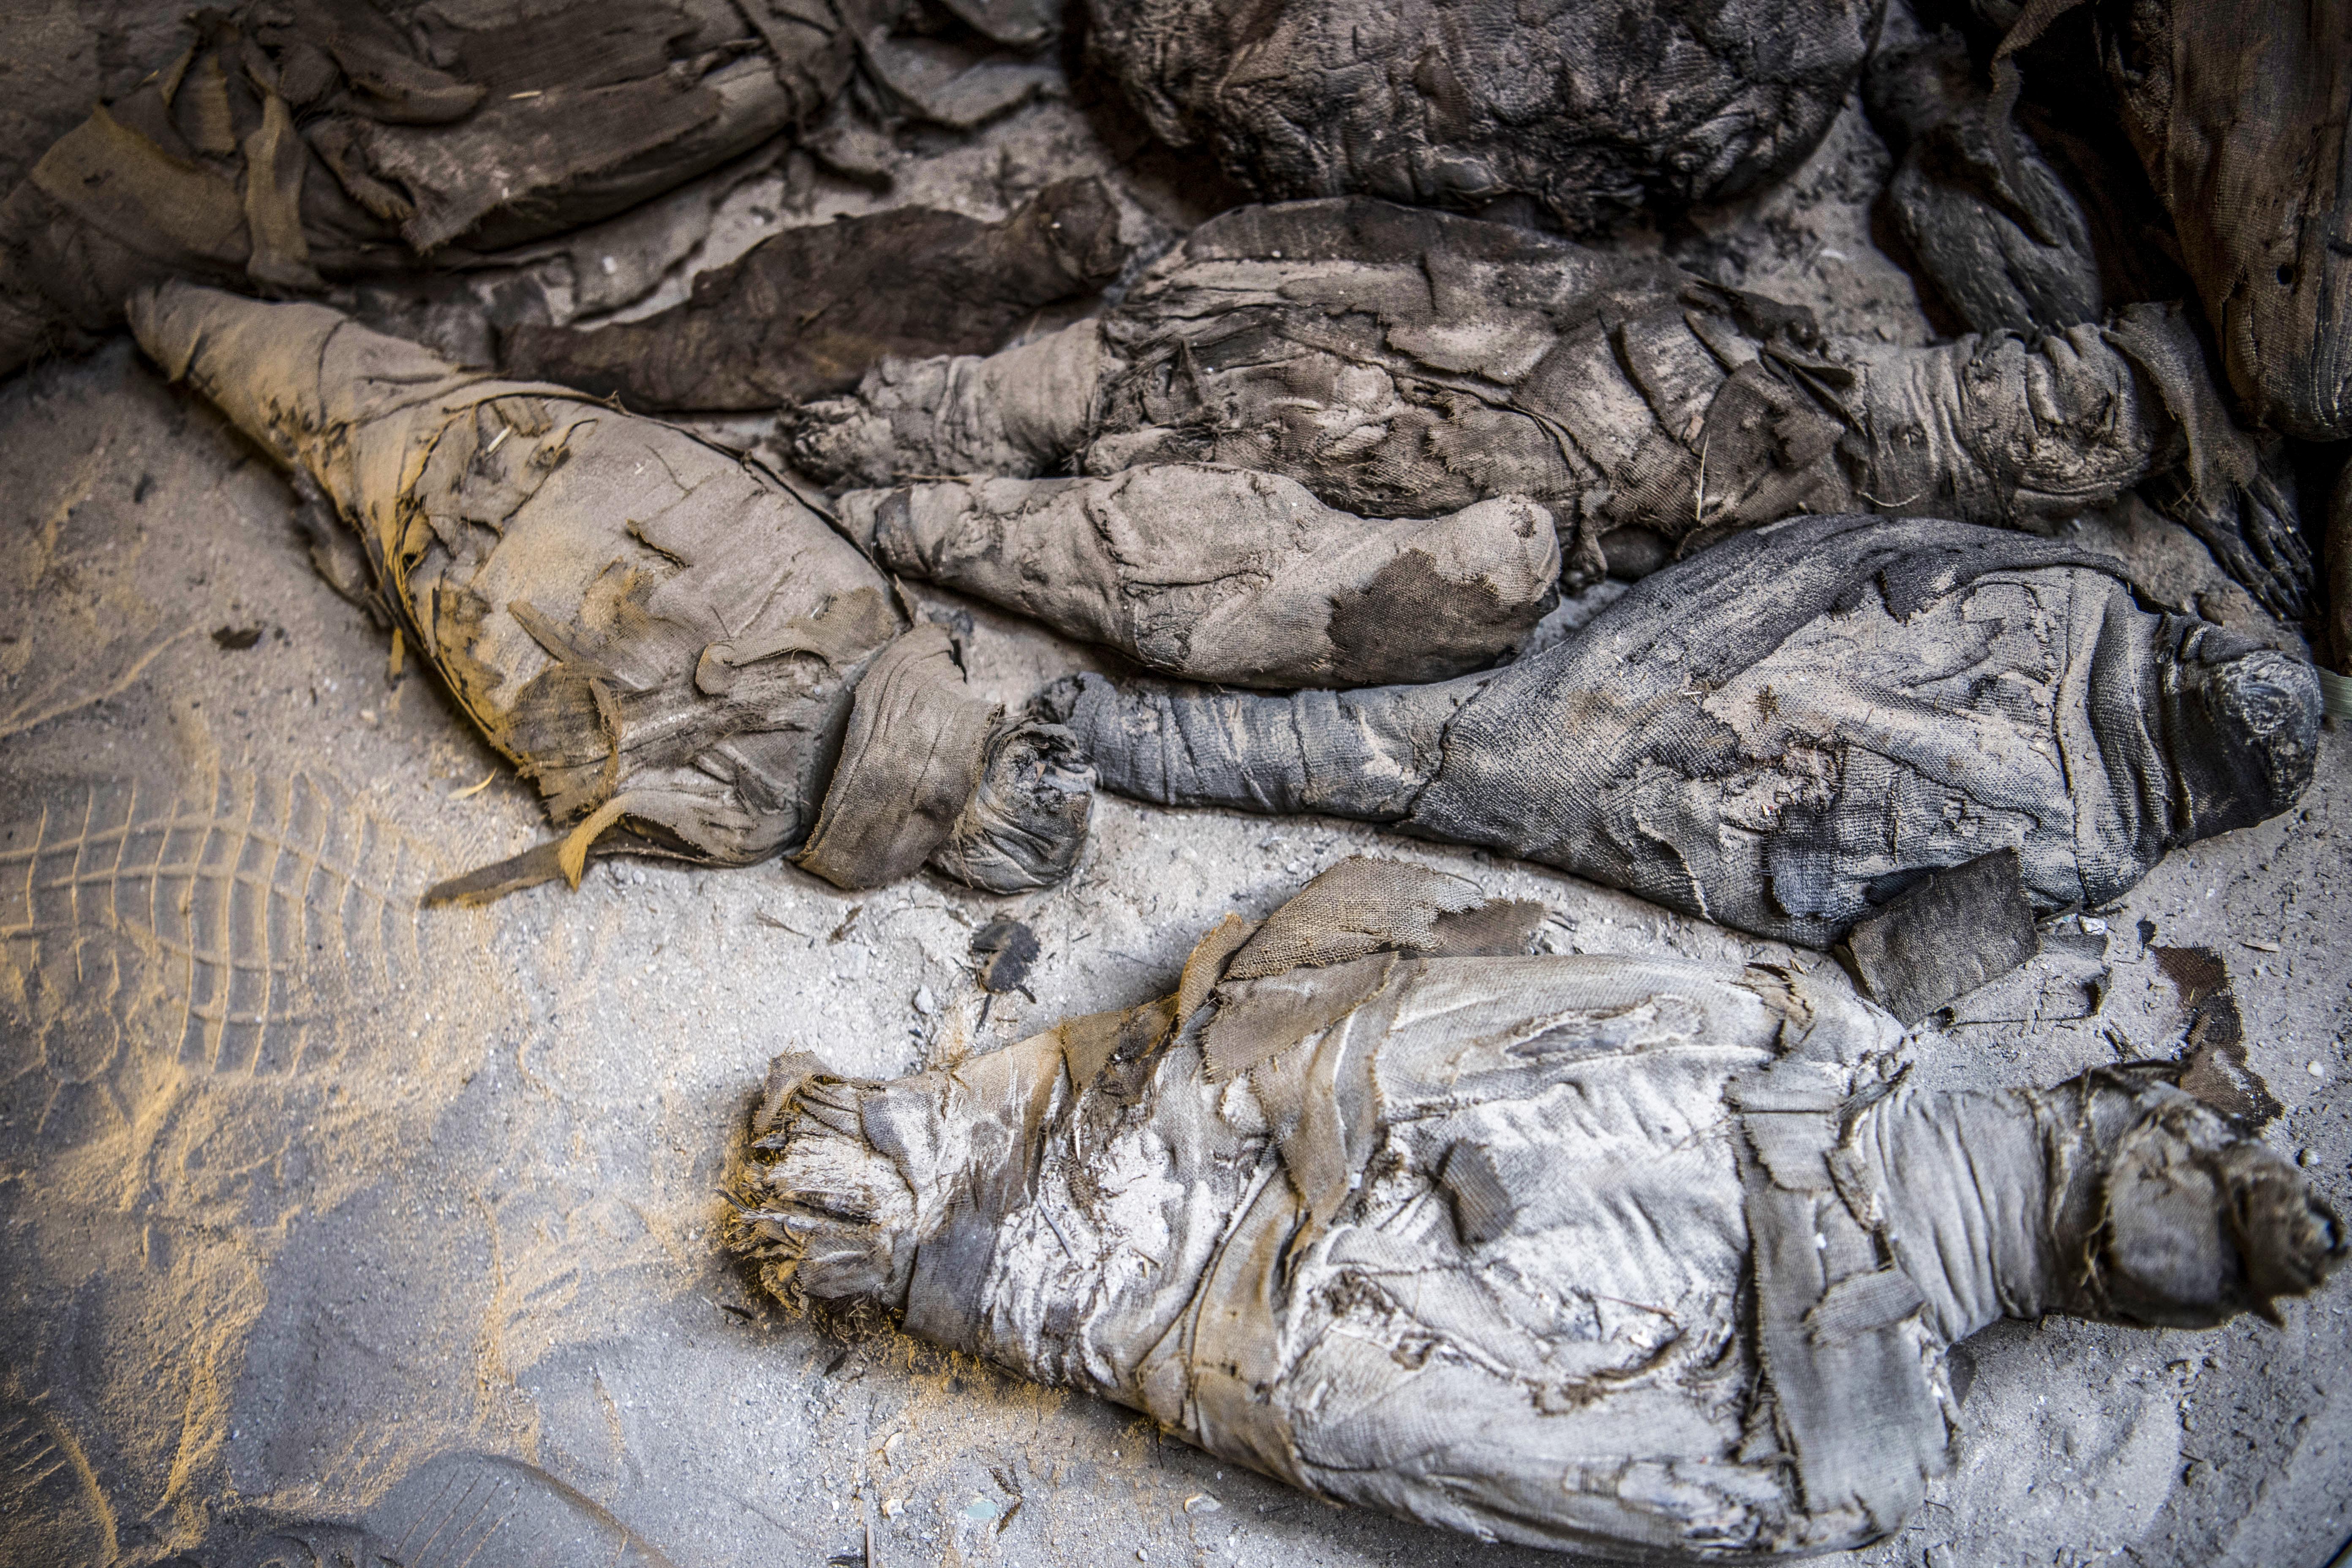 Mumifikált állatokat találtak egy óegyiptomi sírban